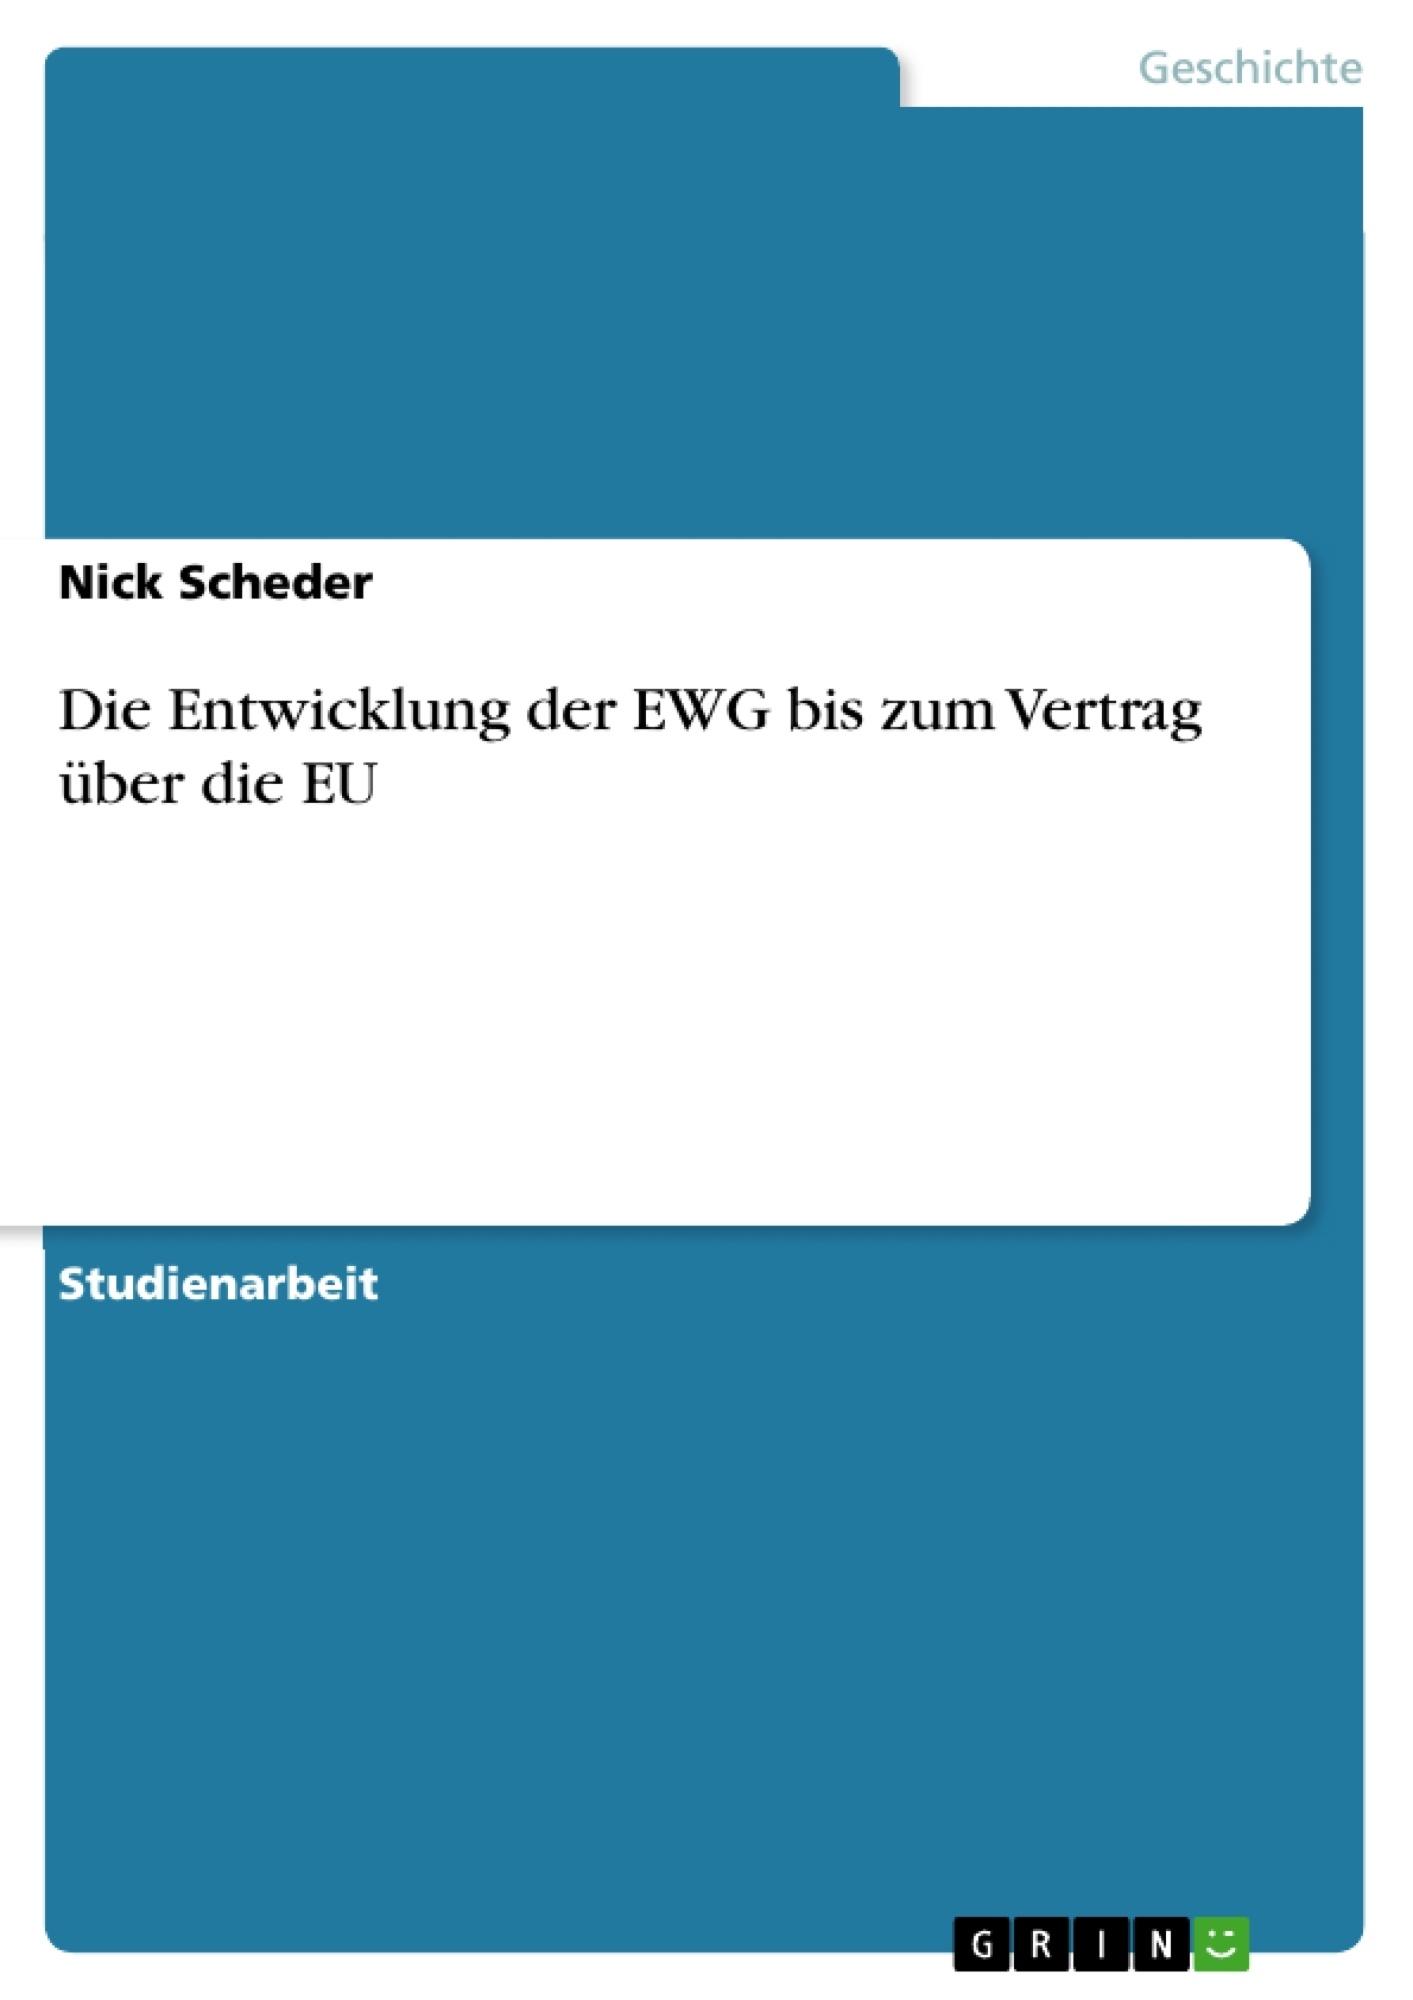 Titel: Die Entwicklung der EWG bis zum Vertrag über die EU